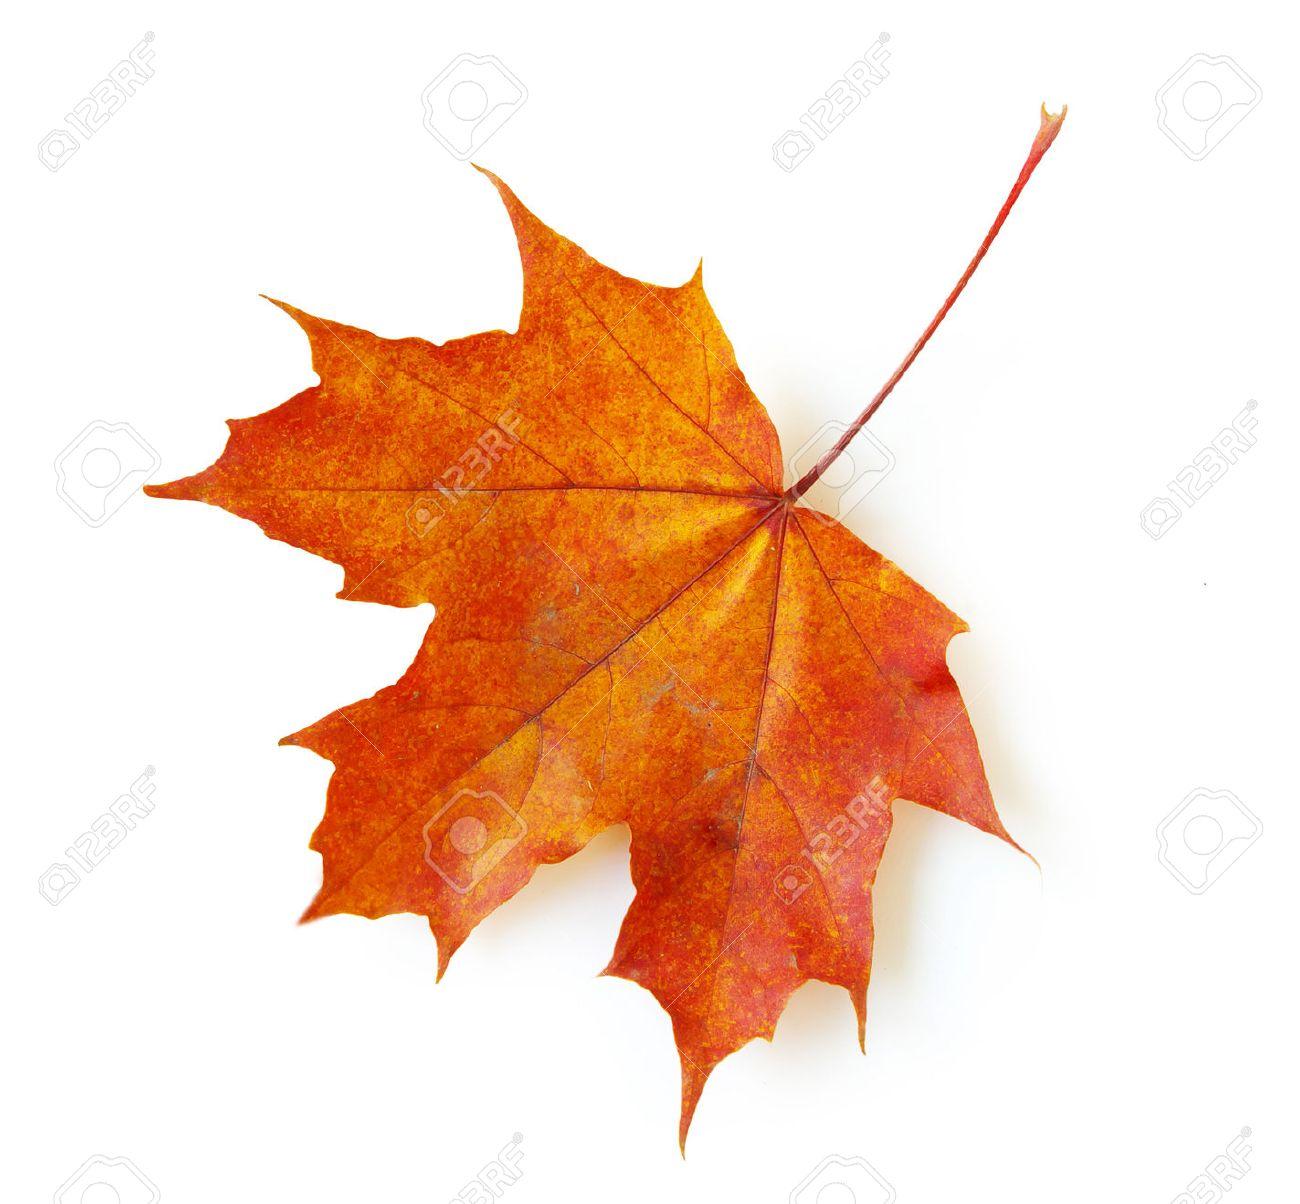 autumn maple leaf isolated on white background Stock Photo - 31831996